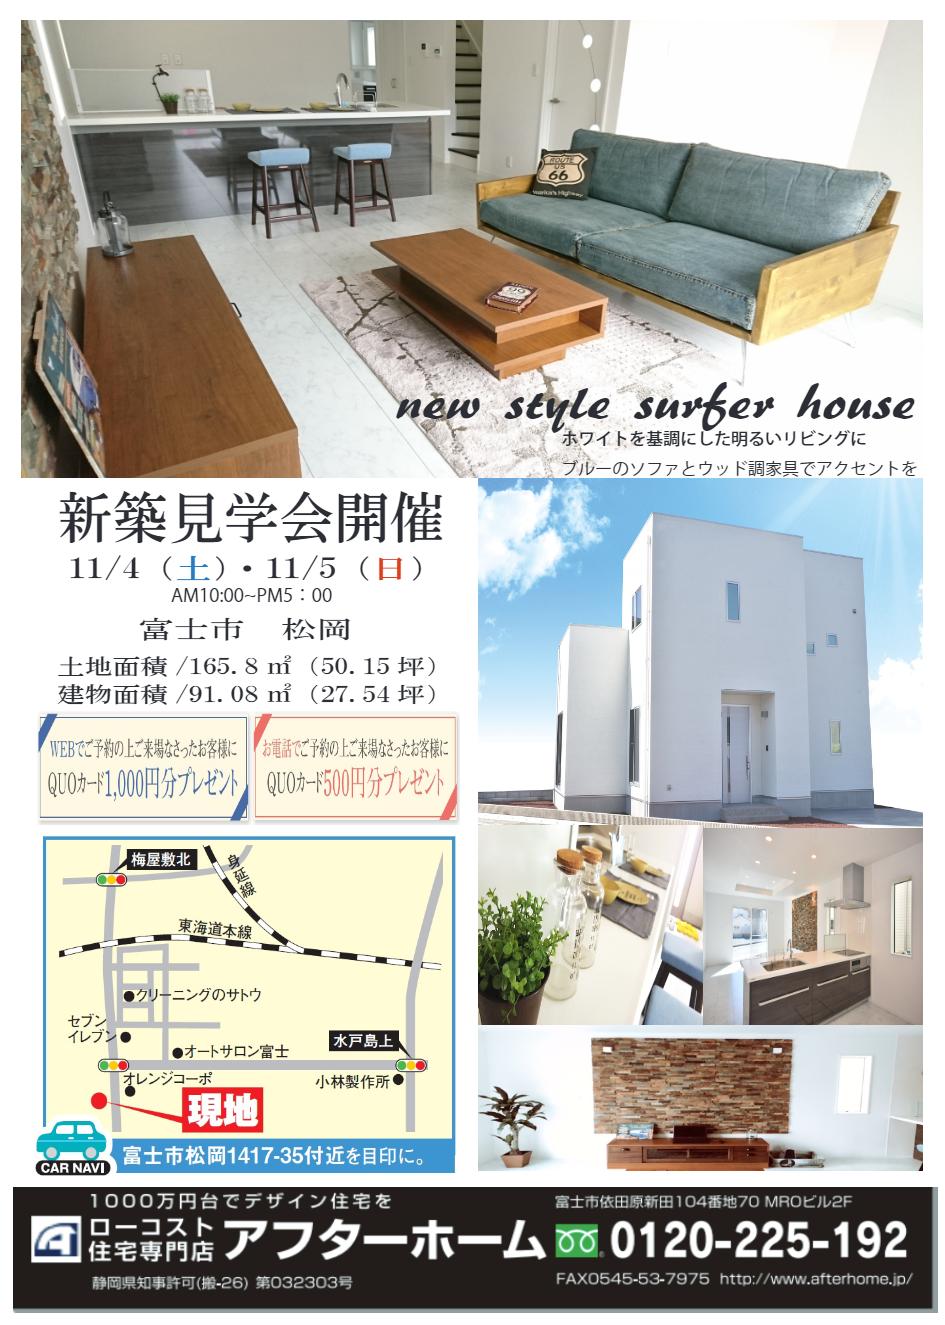 松岡のモデルハウスです